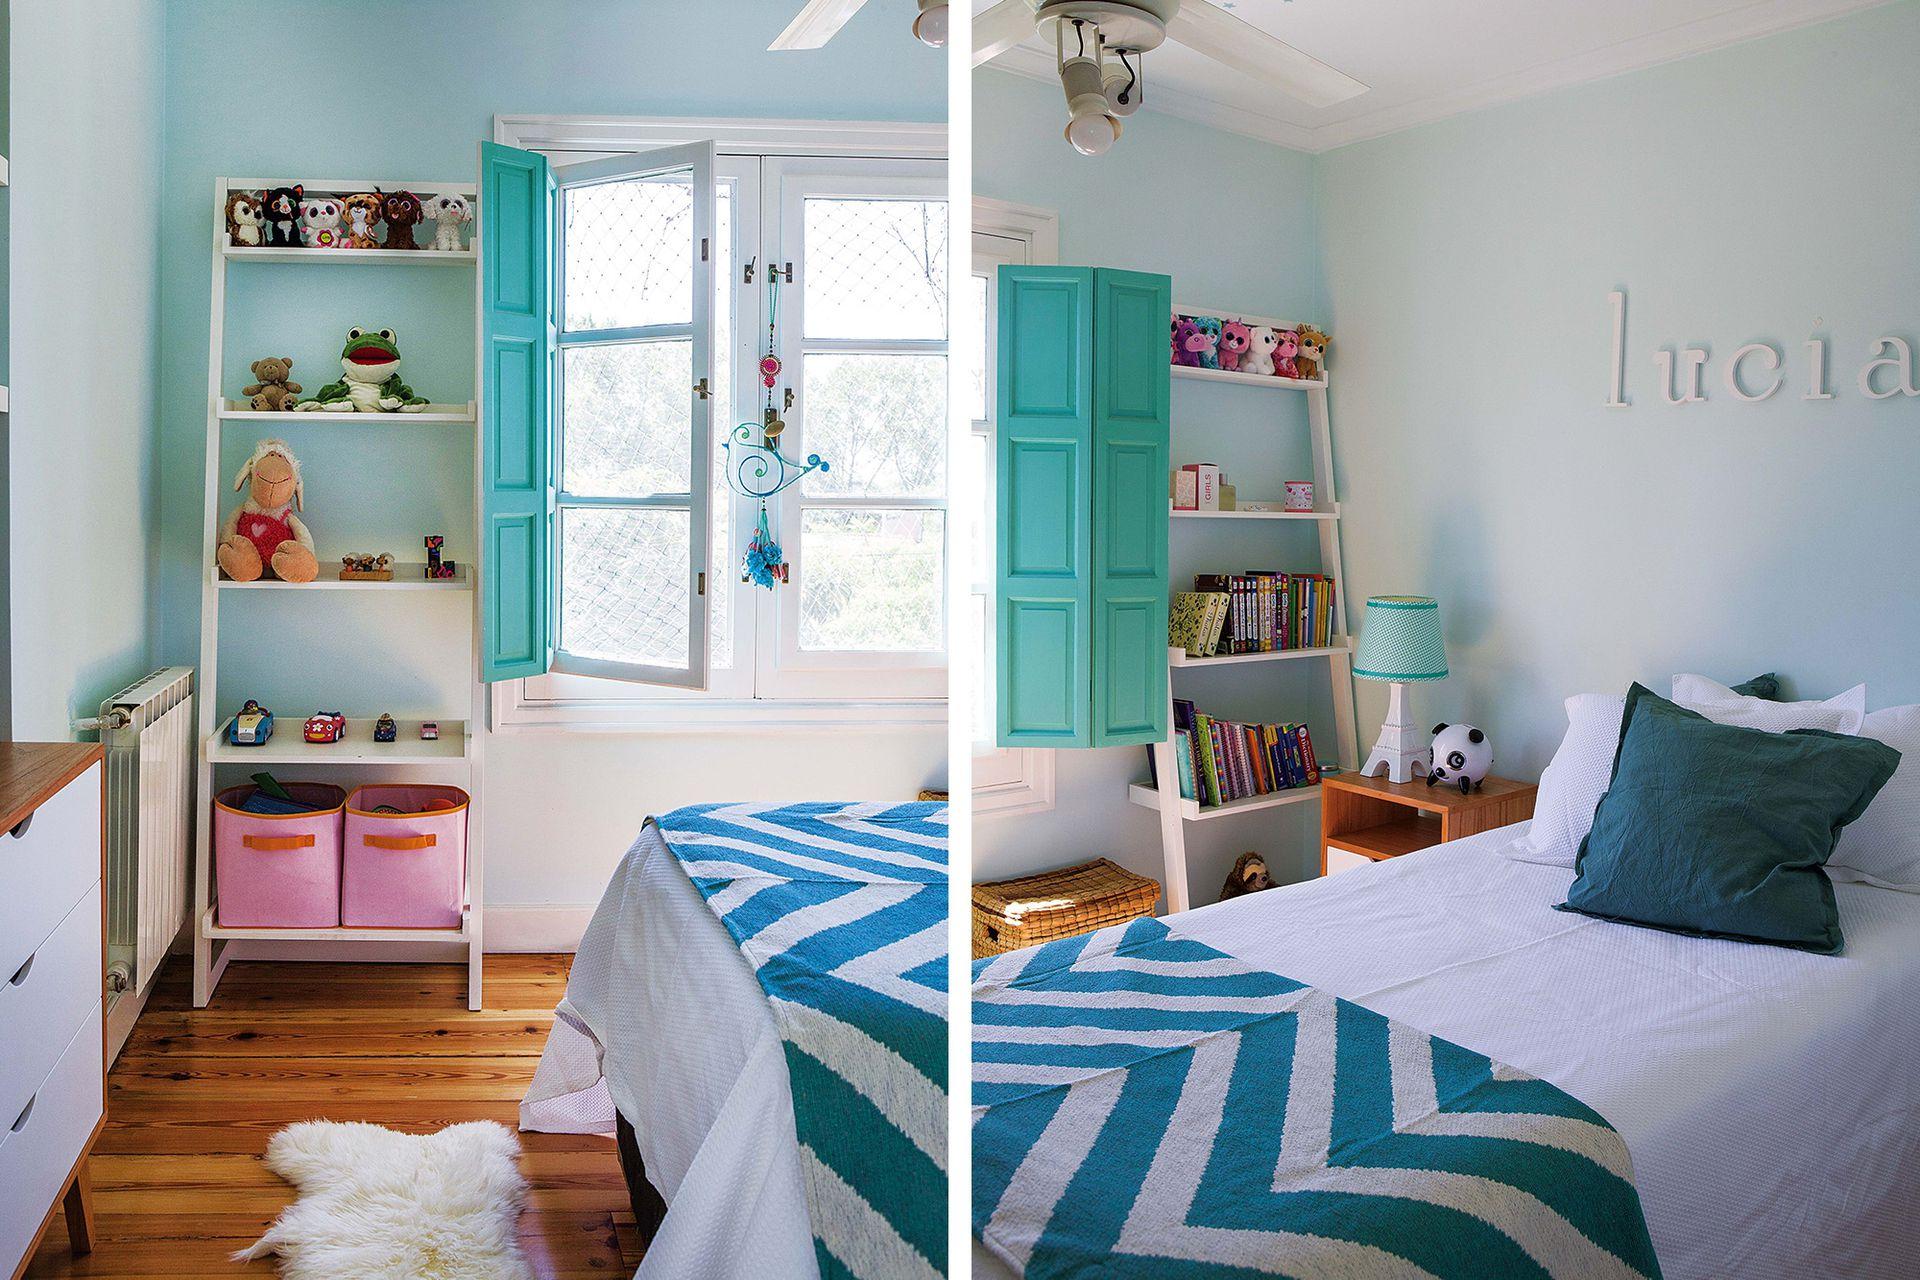 Al regresar de Colombia, Lucía eligió cambiar las paredes de su cuarto a verde agua. Los cajones rosados pertenecían a la decoración antigua, y generan un contraste divertido.